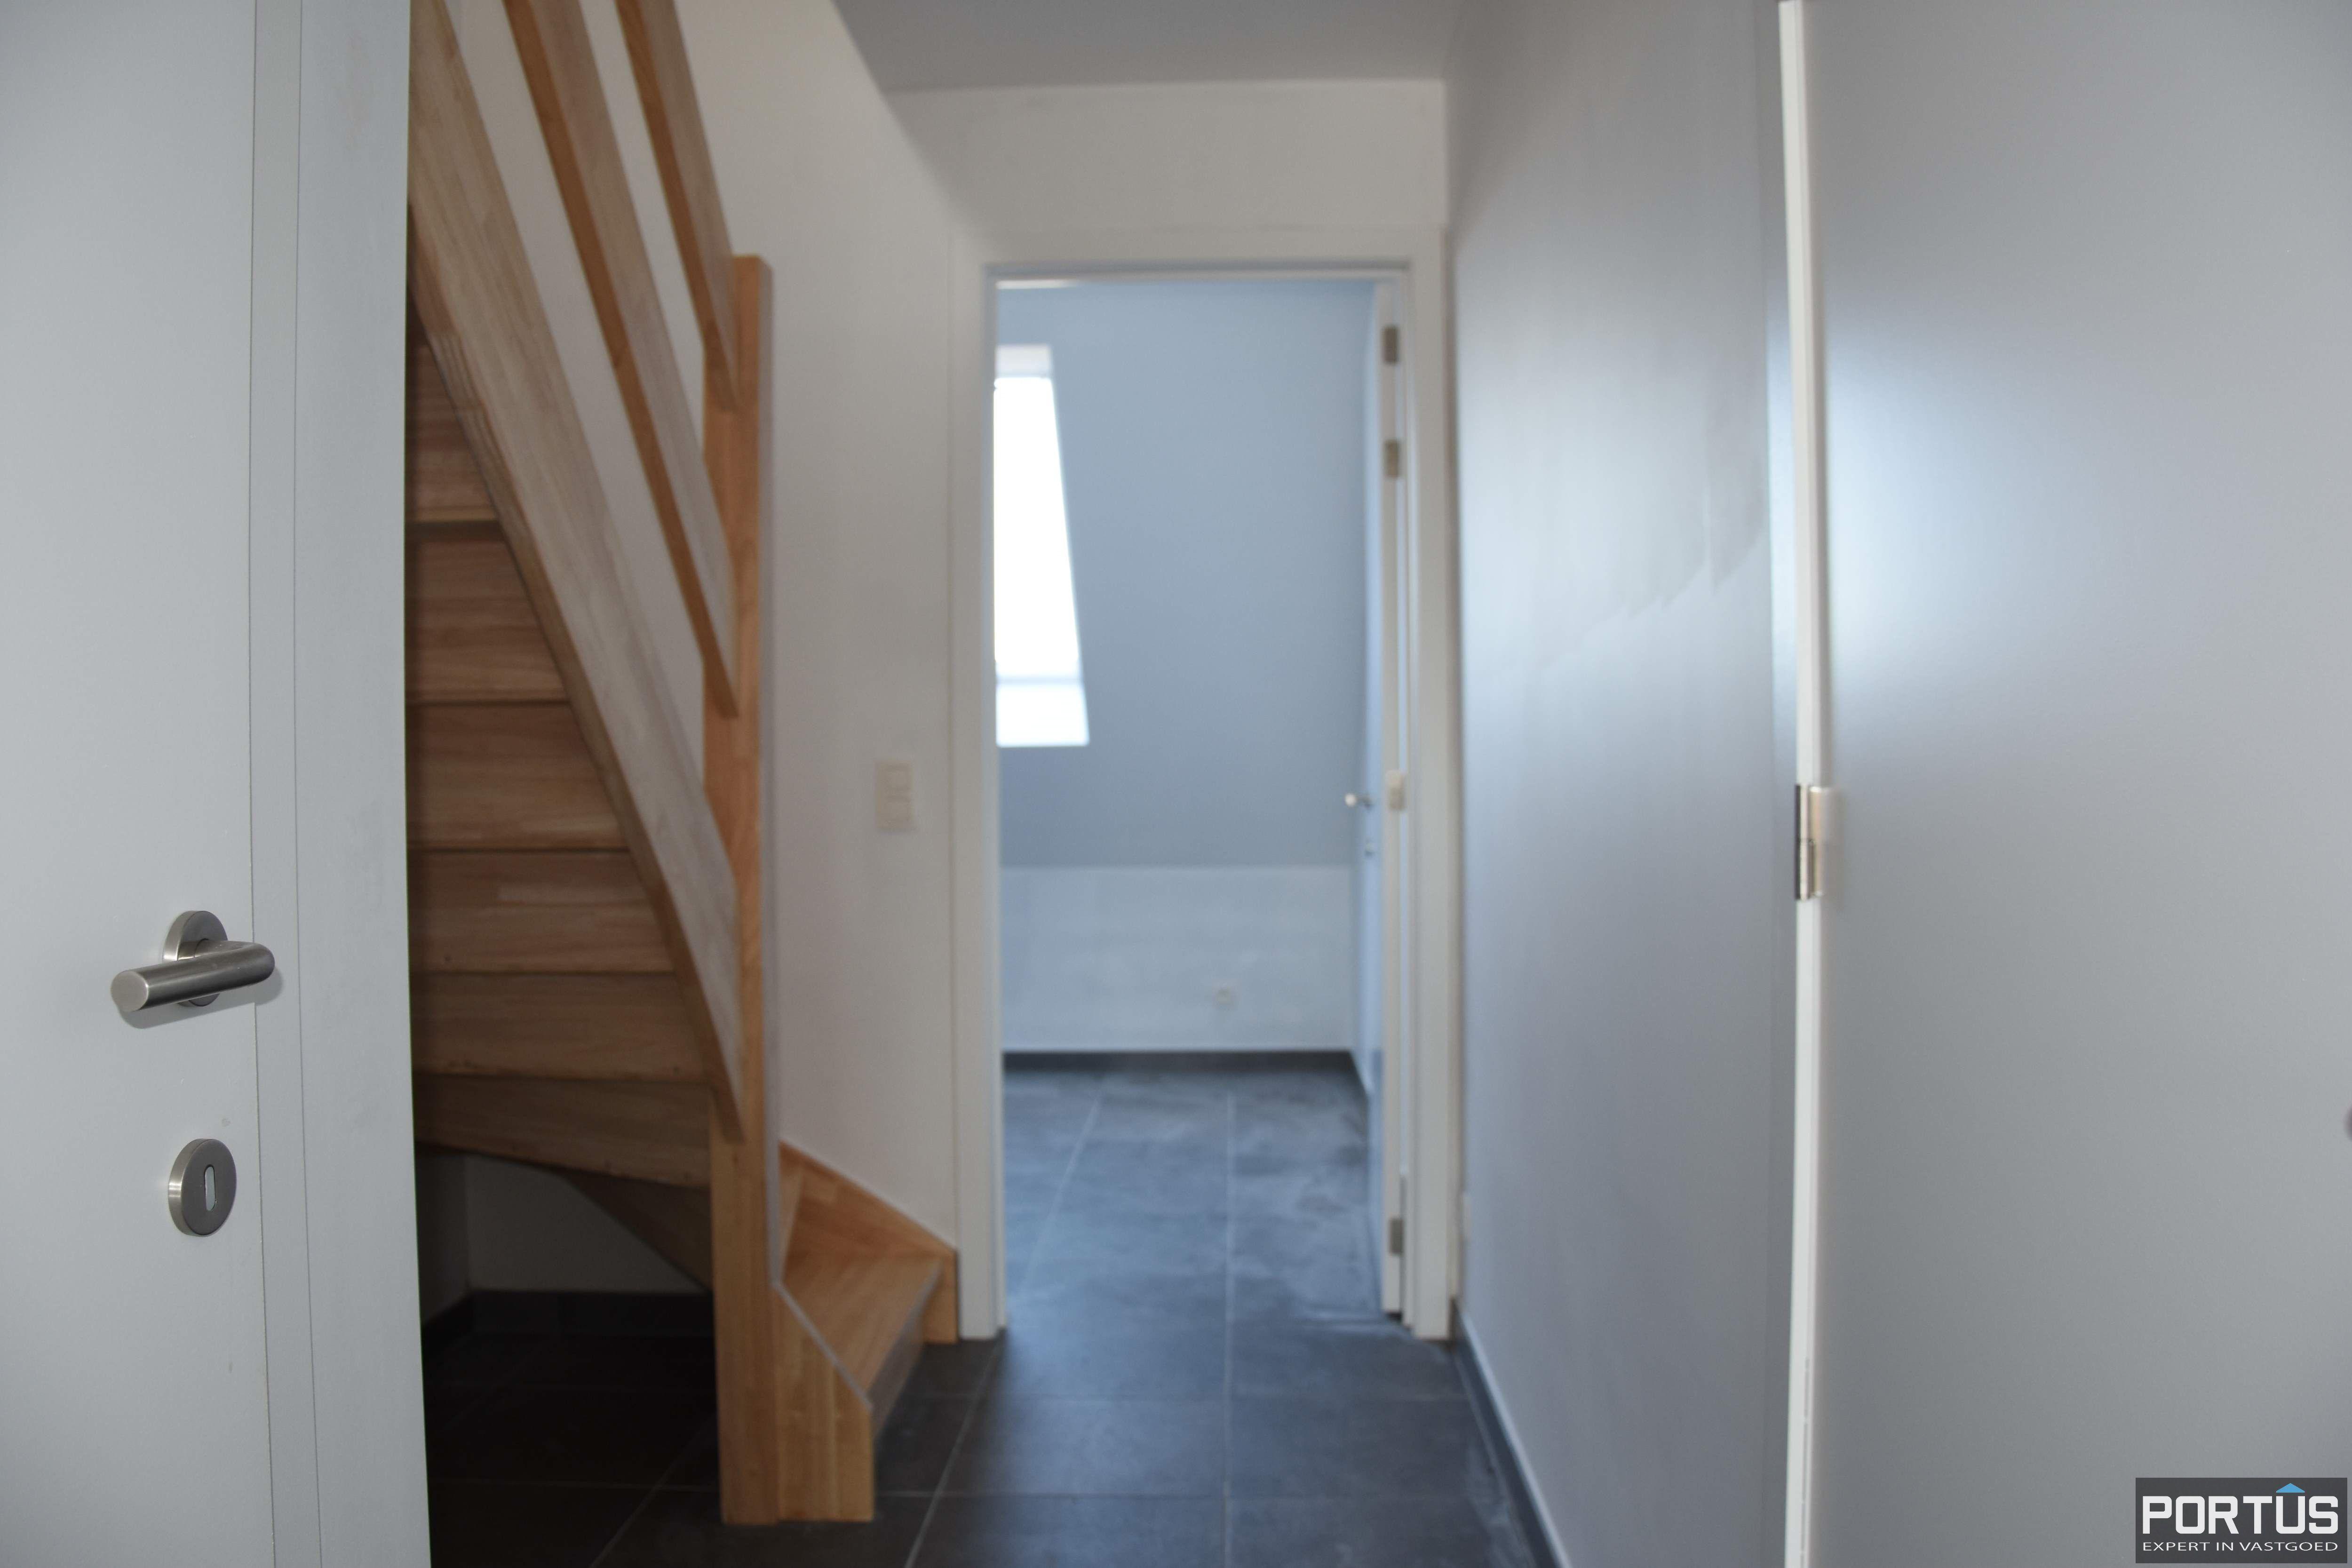 Nieuwbouw duplex-appartement met 2 slaapkamers te huur - 11005